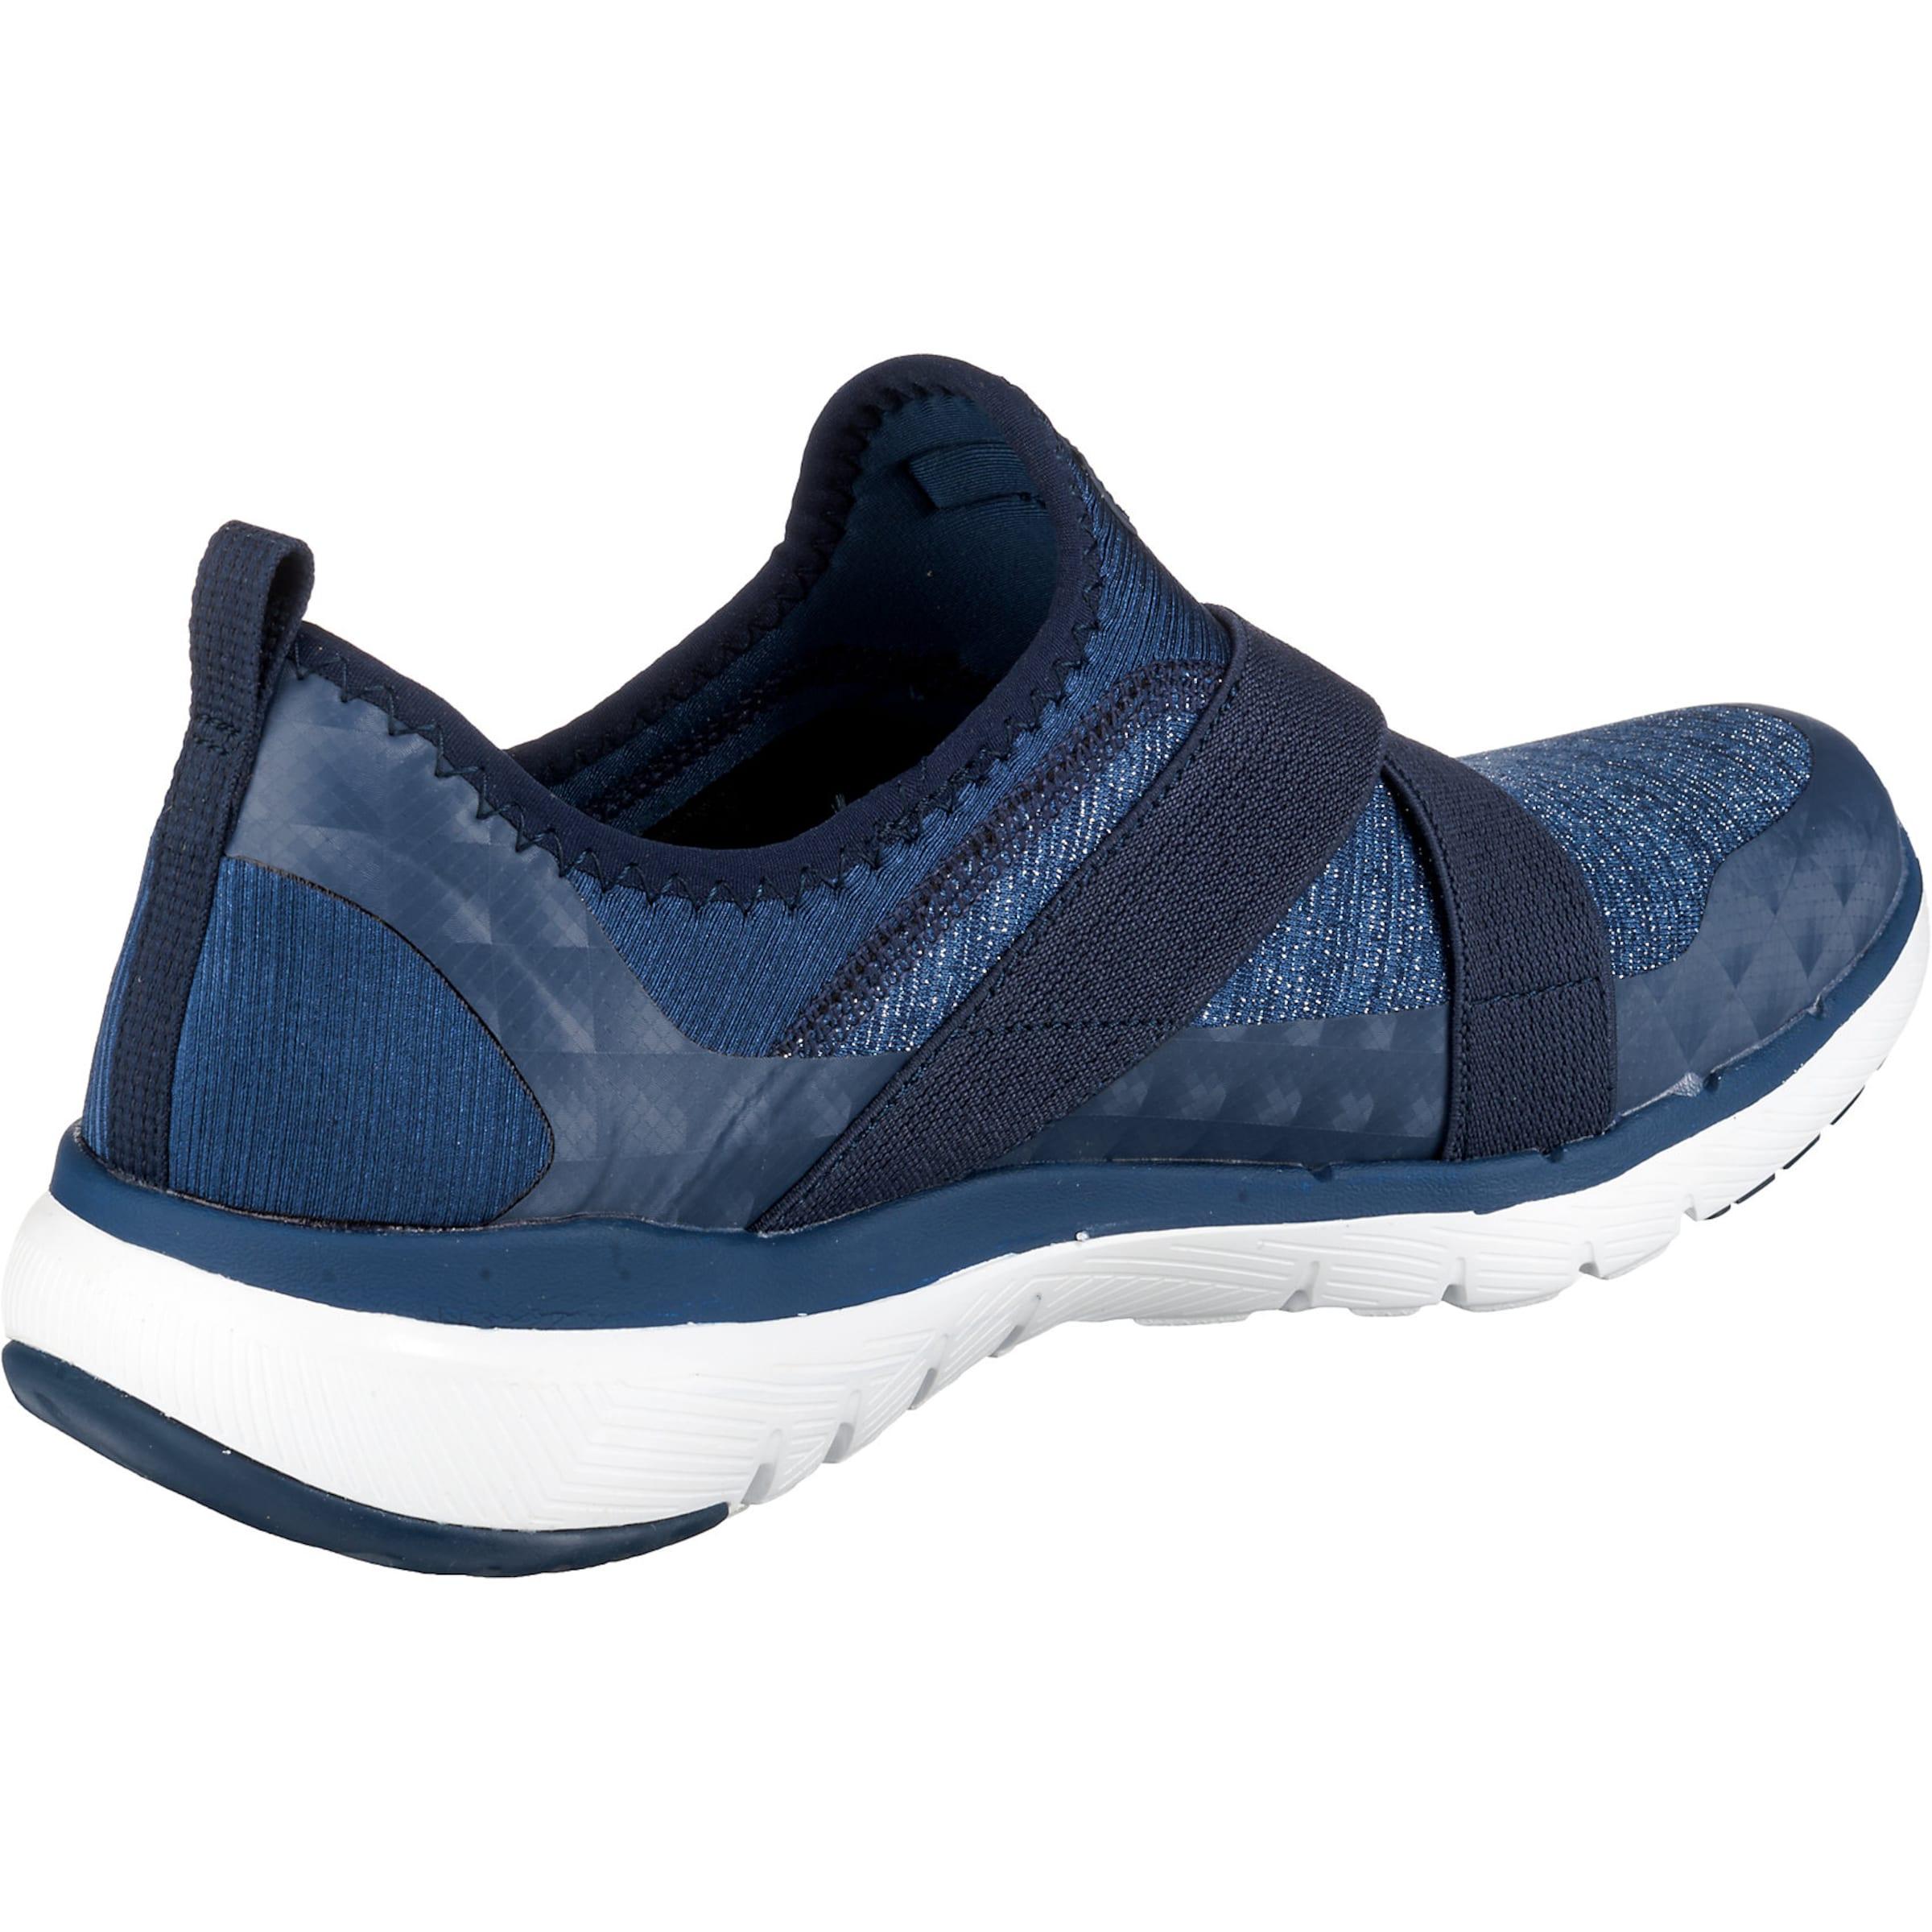 In 0' Appeal NavyKobaltblau Skechers Weiß Blaumeliert Sneaker 'flex 3 TlFcK1J